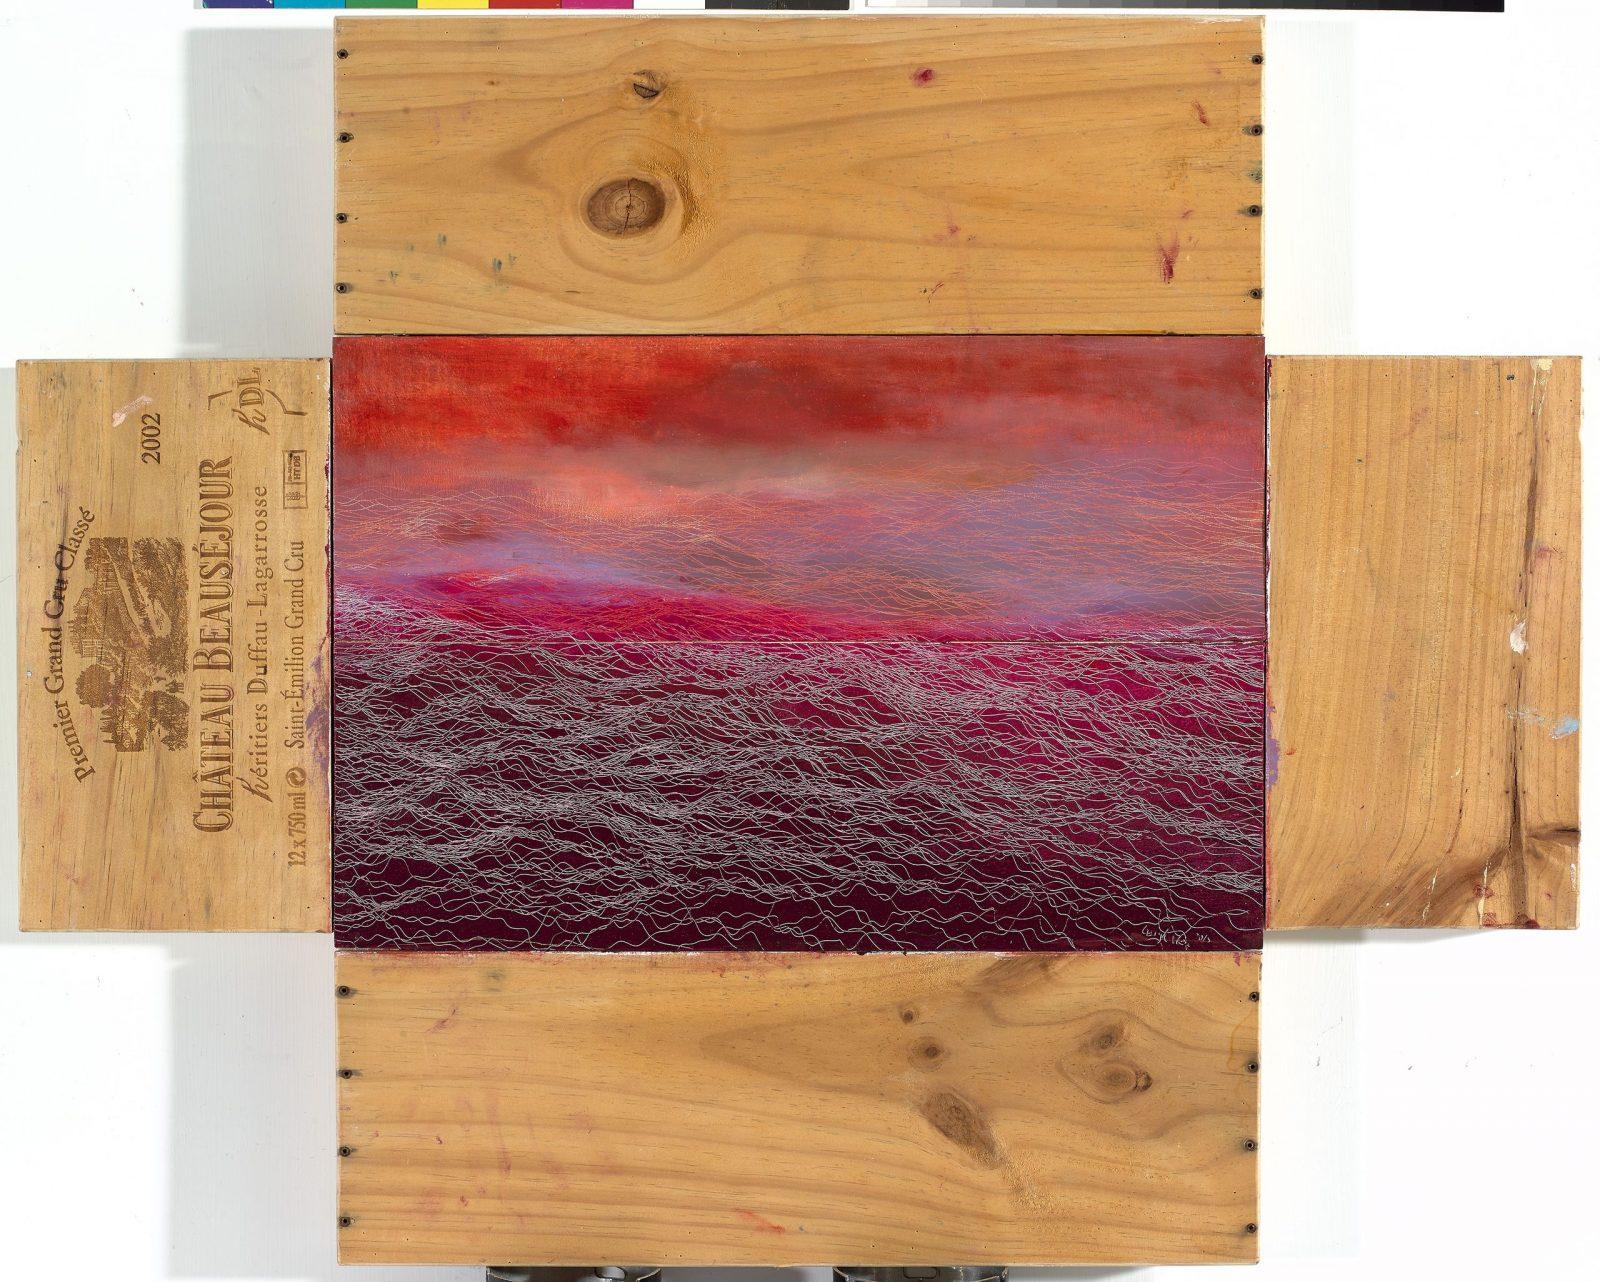 引徑-20, Side Track-20, 32.5 x 50 cm, mixed media, 2015